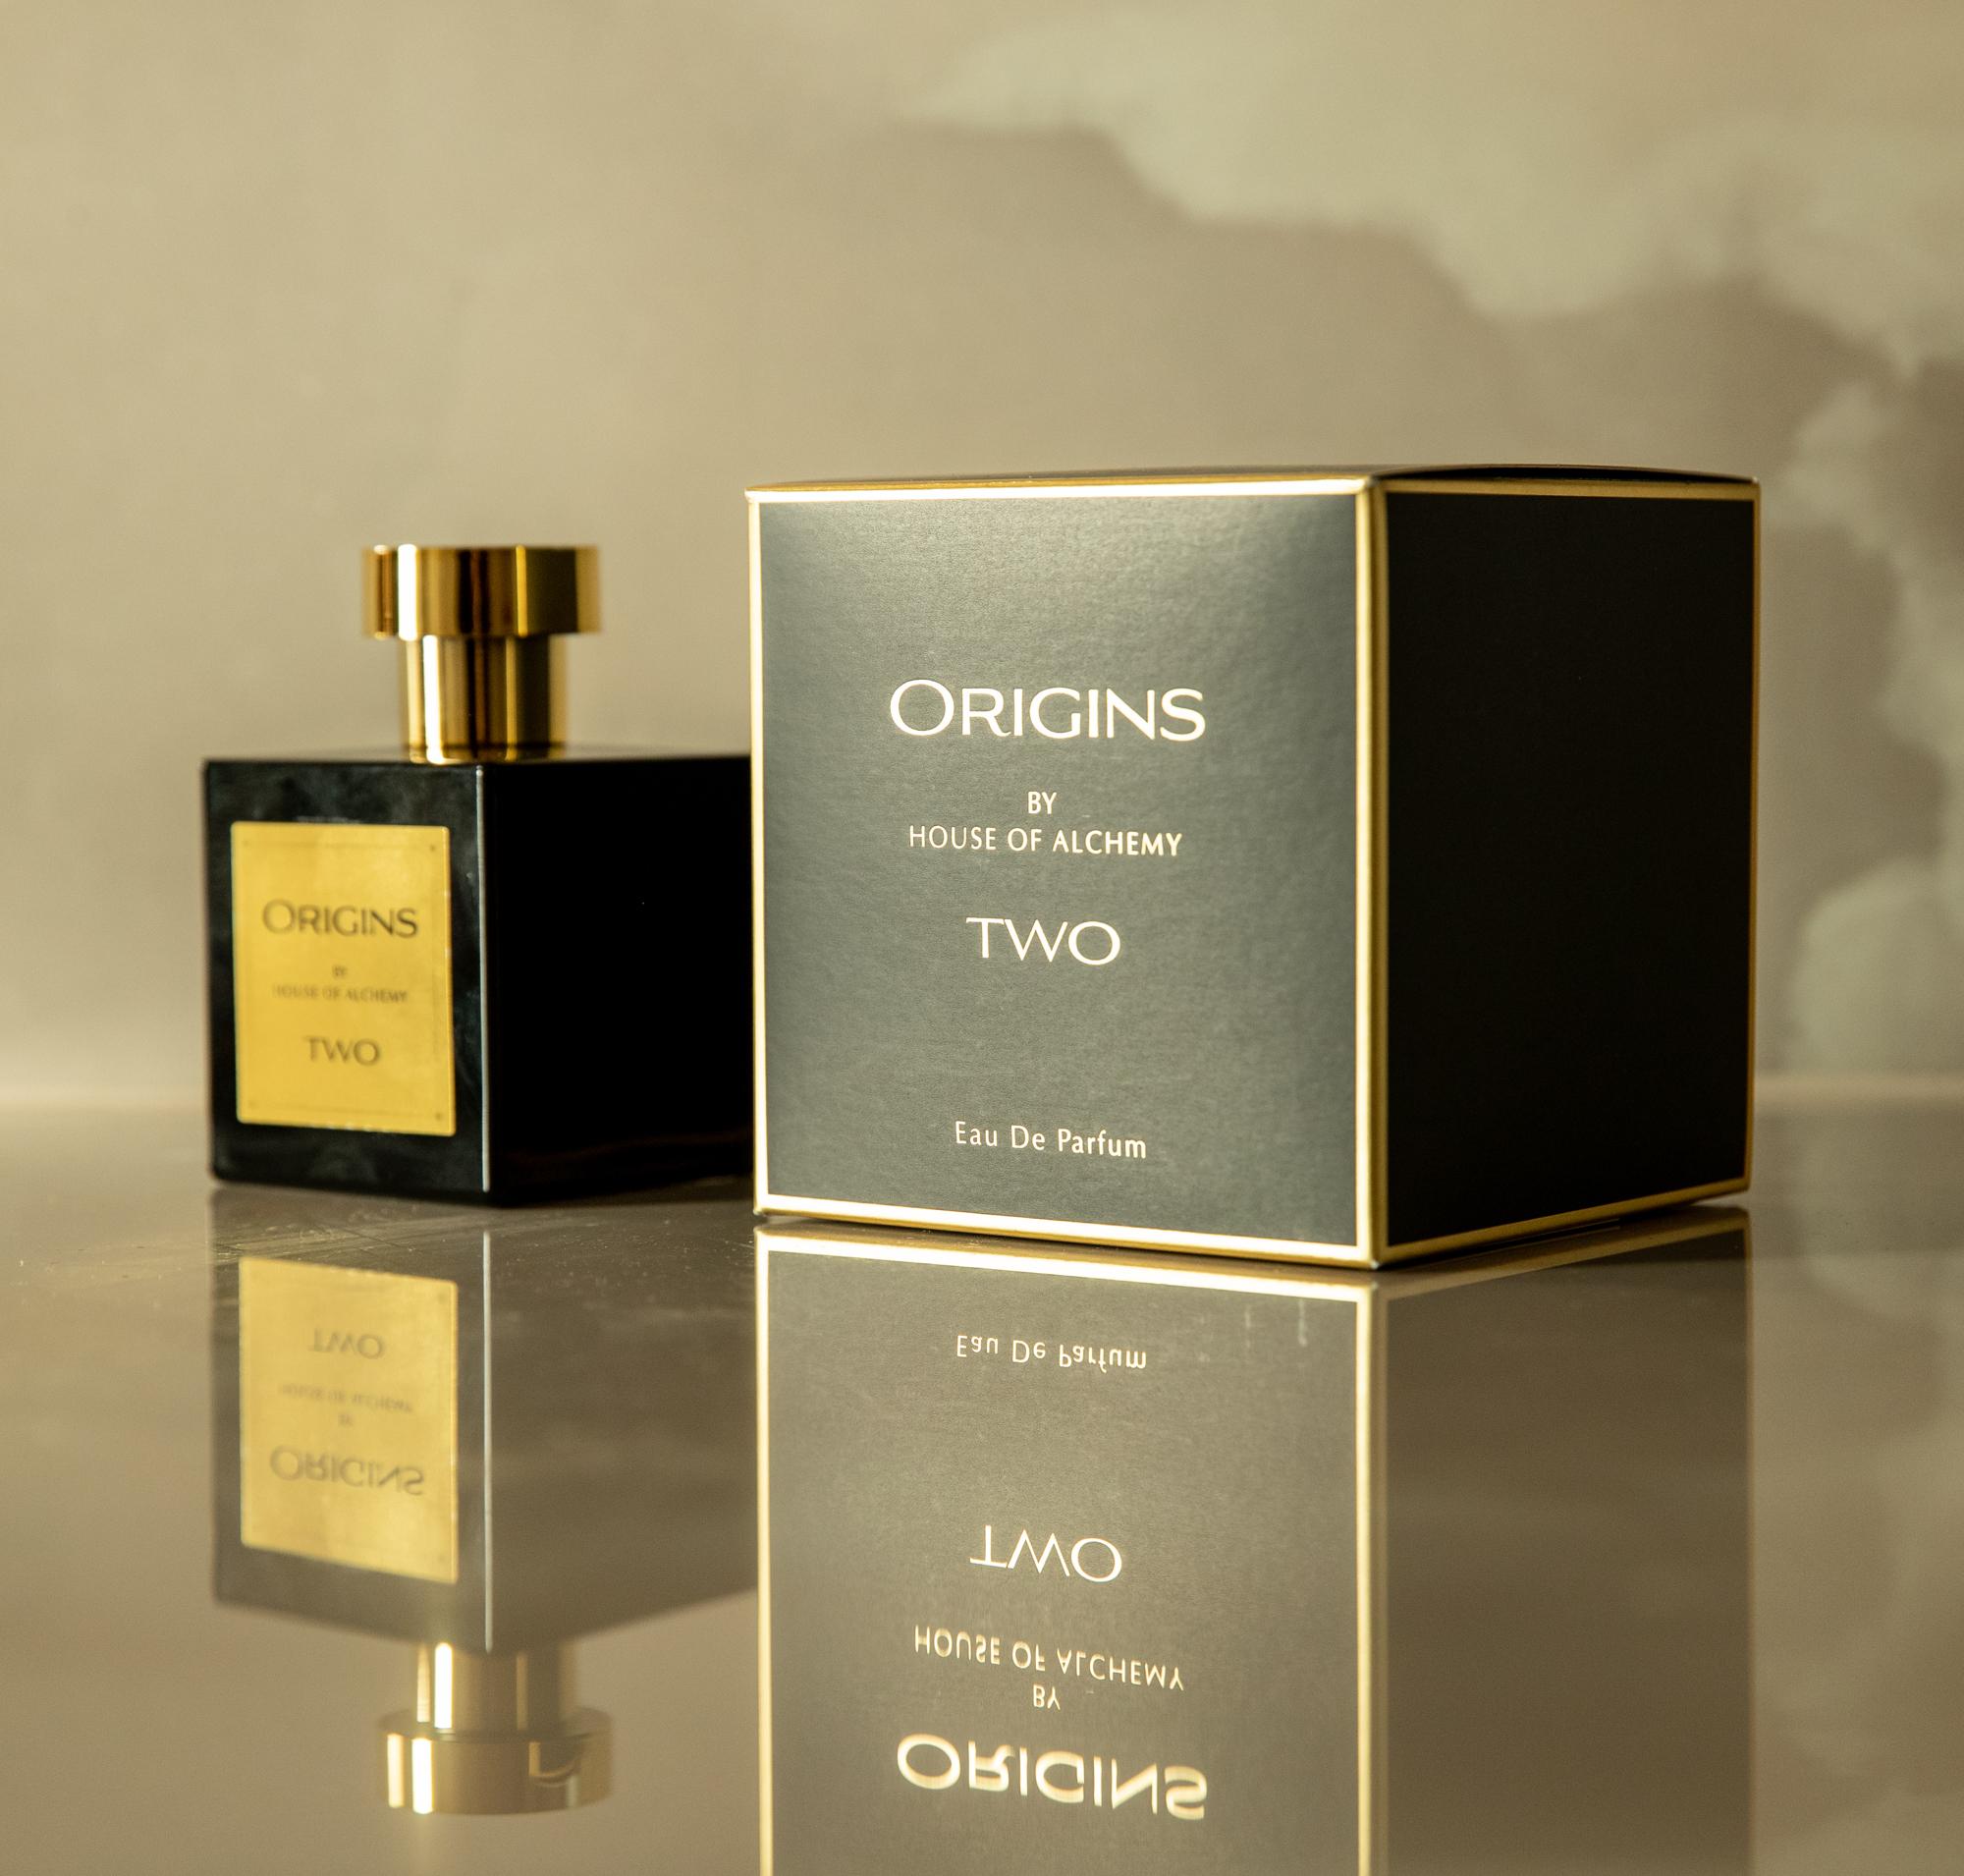 Origins Two 100ml Eau De Parfum